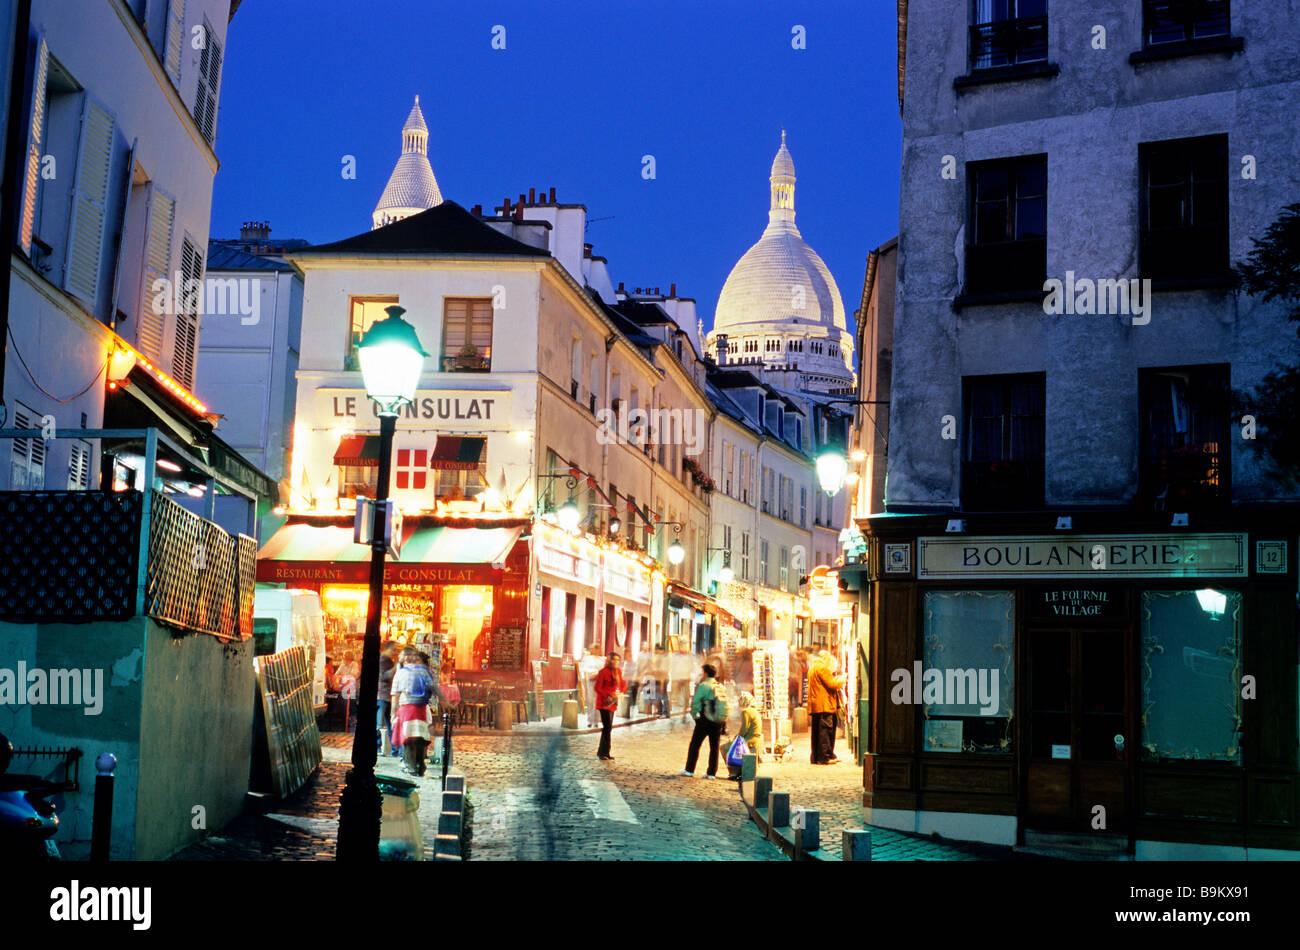 France paris montmartre district le consulat cafe and for Restaurant le miroir montmartre